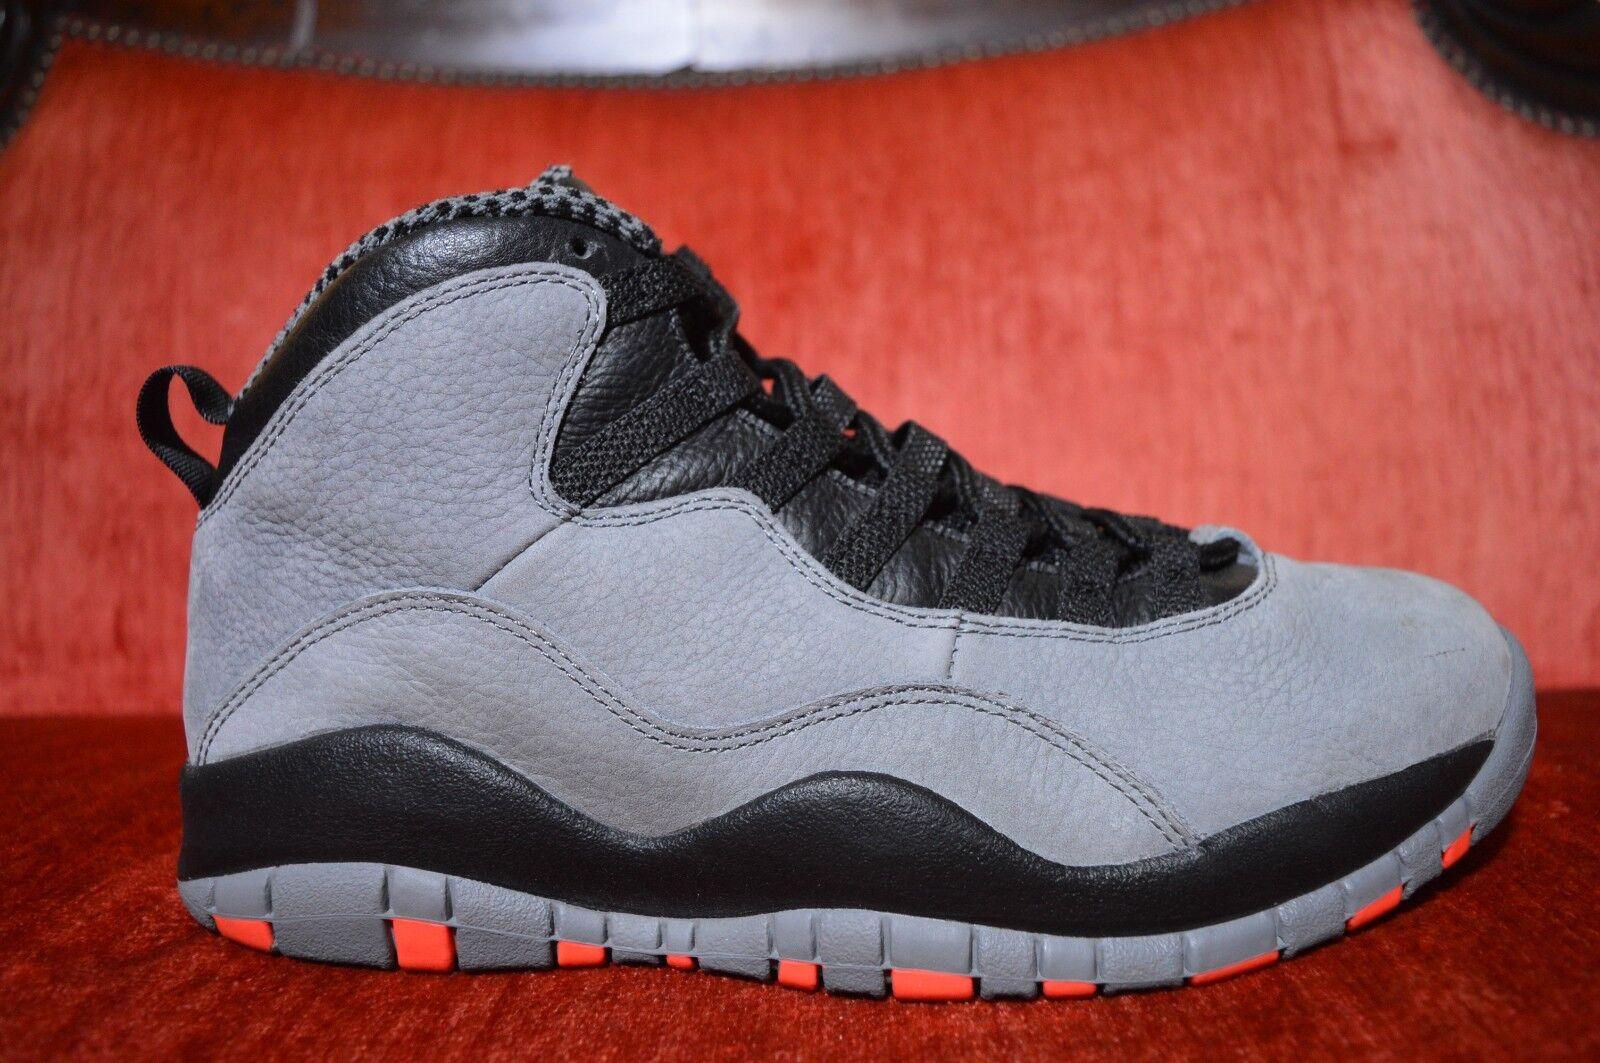 Nike Air Jordan 10 X Retro Cool Grey Infrared Comfortable Seasonal price cuts, discount benefits